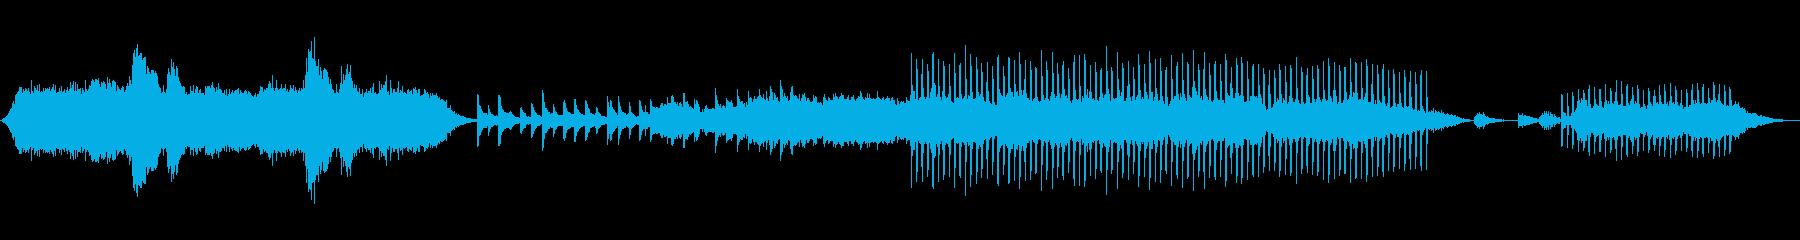 アンビエントで幻想的、不思議なサウンドの再生済みの波形